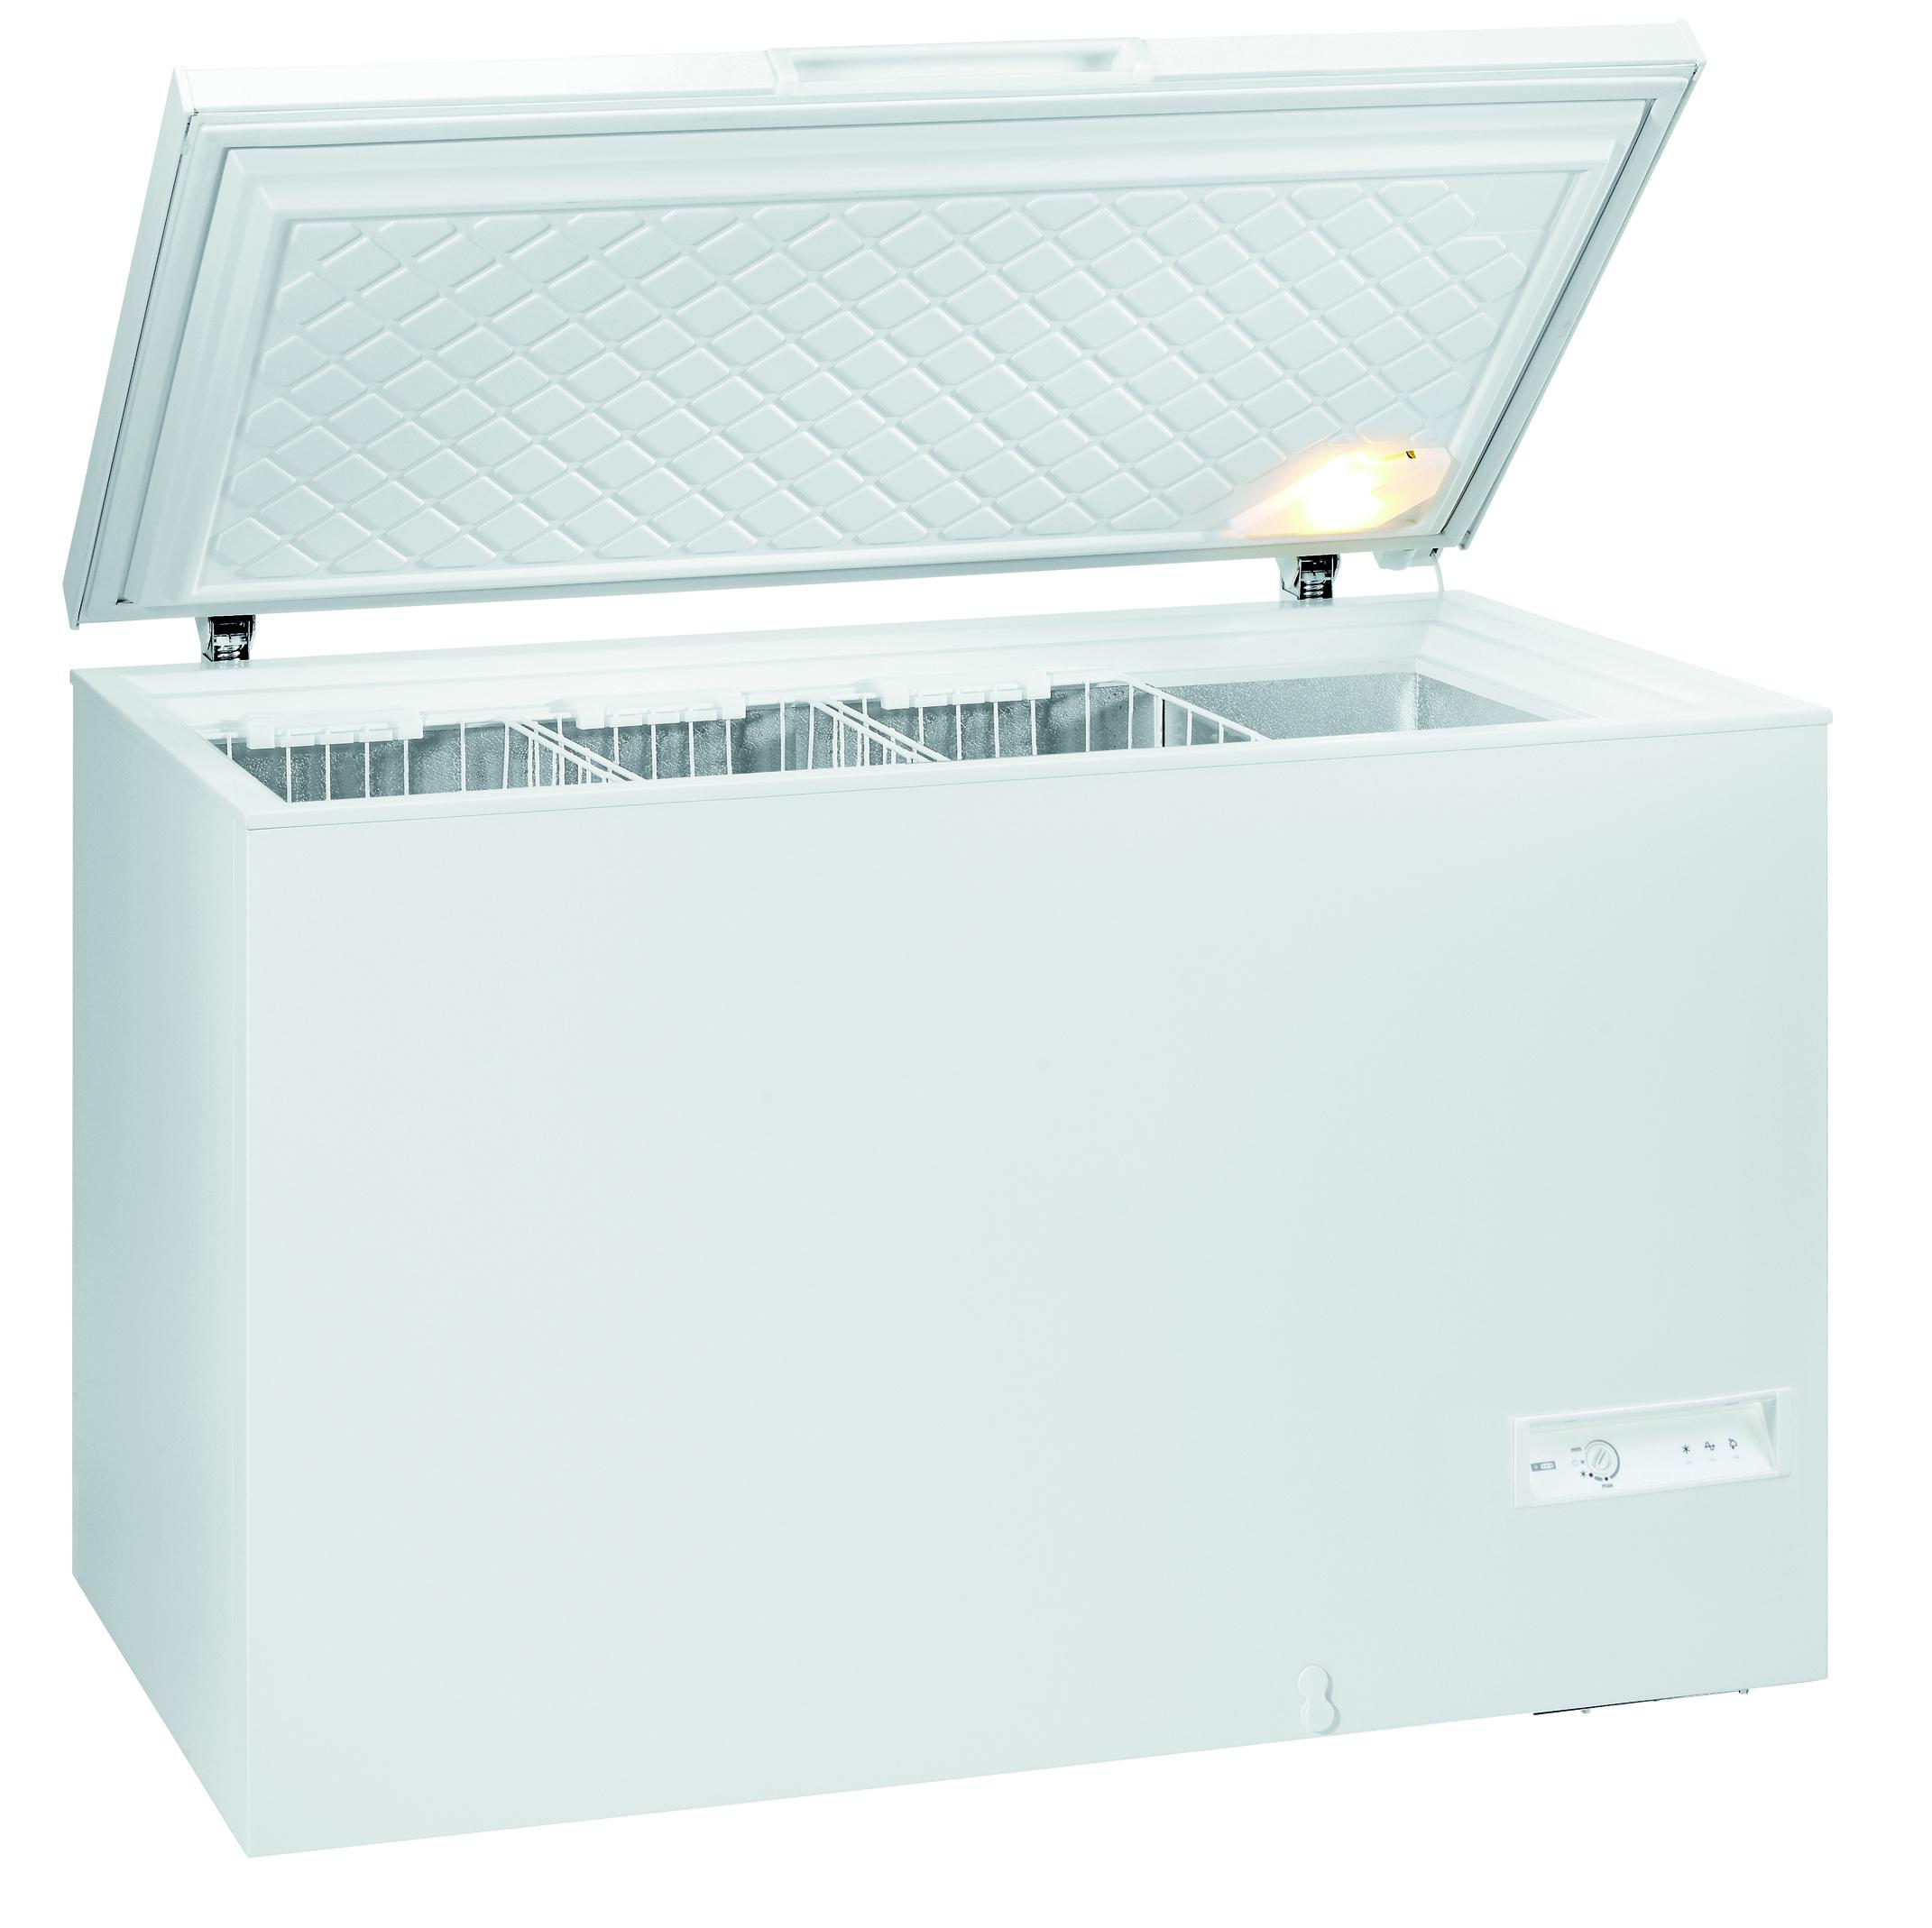 Lada frigorifica Gorenje FHE301W